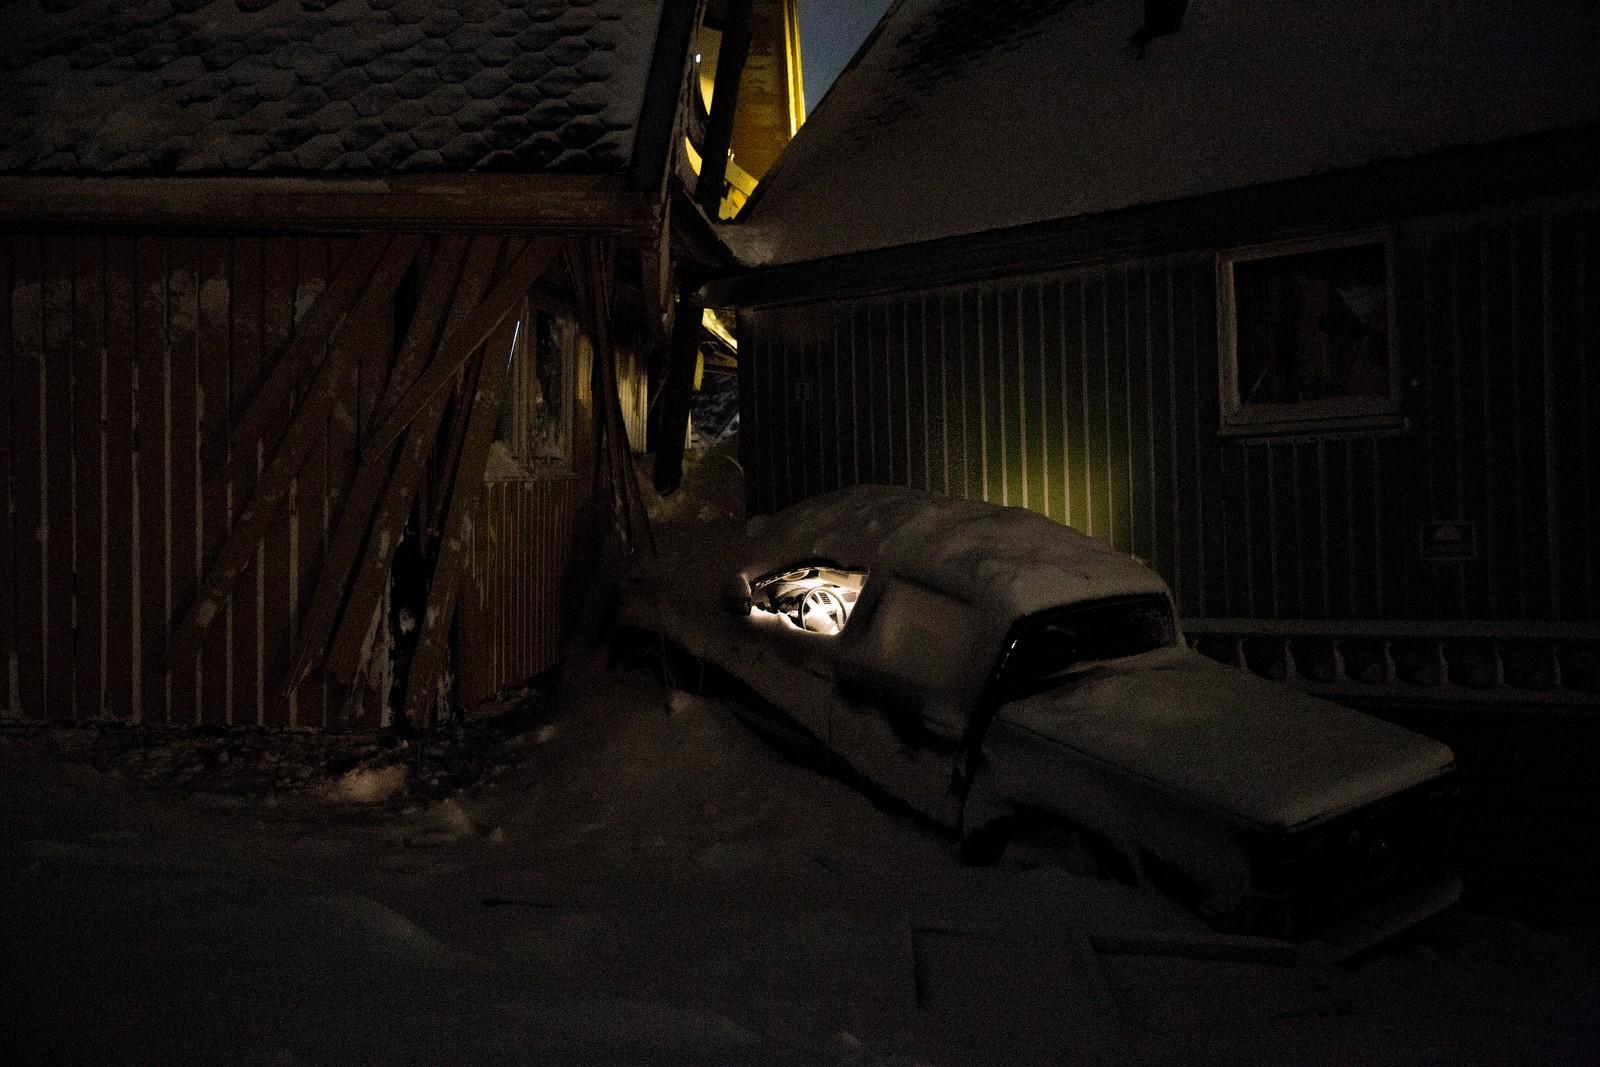 1. premie Klima og miljø: Lyset virker fortsatt i bilen som ble klemt sammen mellom to hus da raset gikk i Longyearbyen. To personer omkom og over ti hus ble totalskadet i det voldsomme snøraset som rammet samfunnet på Svalbard. Juryens begrunnelse: Dette er en stillferdig skildring av en hendelse med tragisk utfall for et lite samfunn. Det er et håndfast bilde på endringer. Vi ser det voldsomme dramaet uten at det er mennesker i bildet.